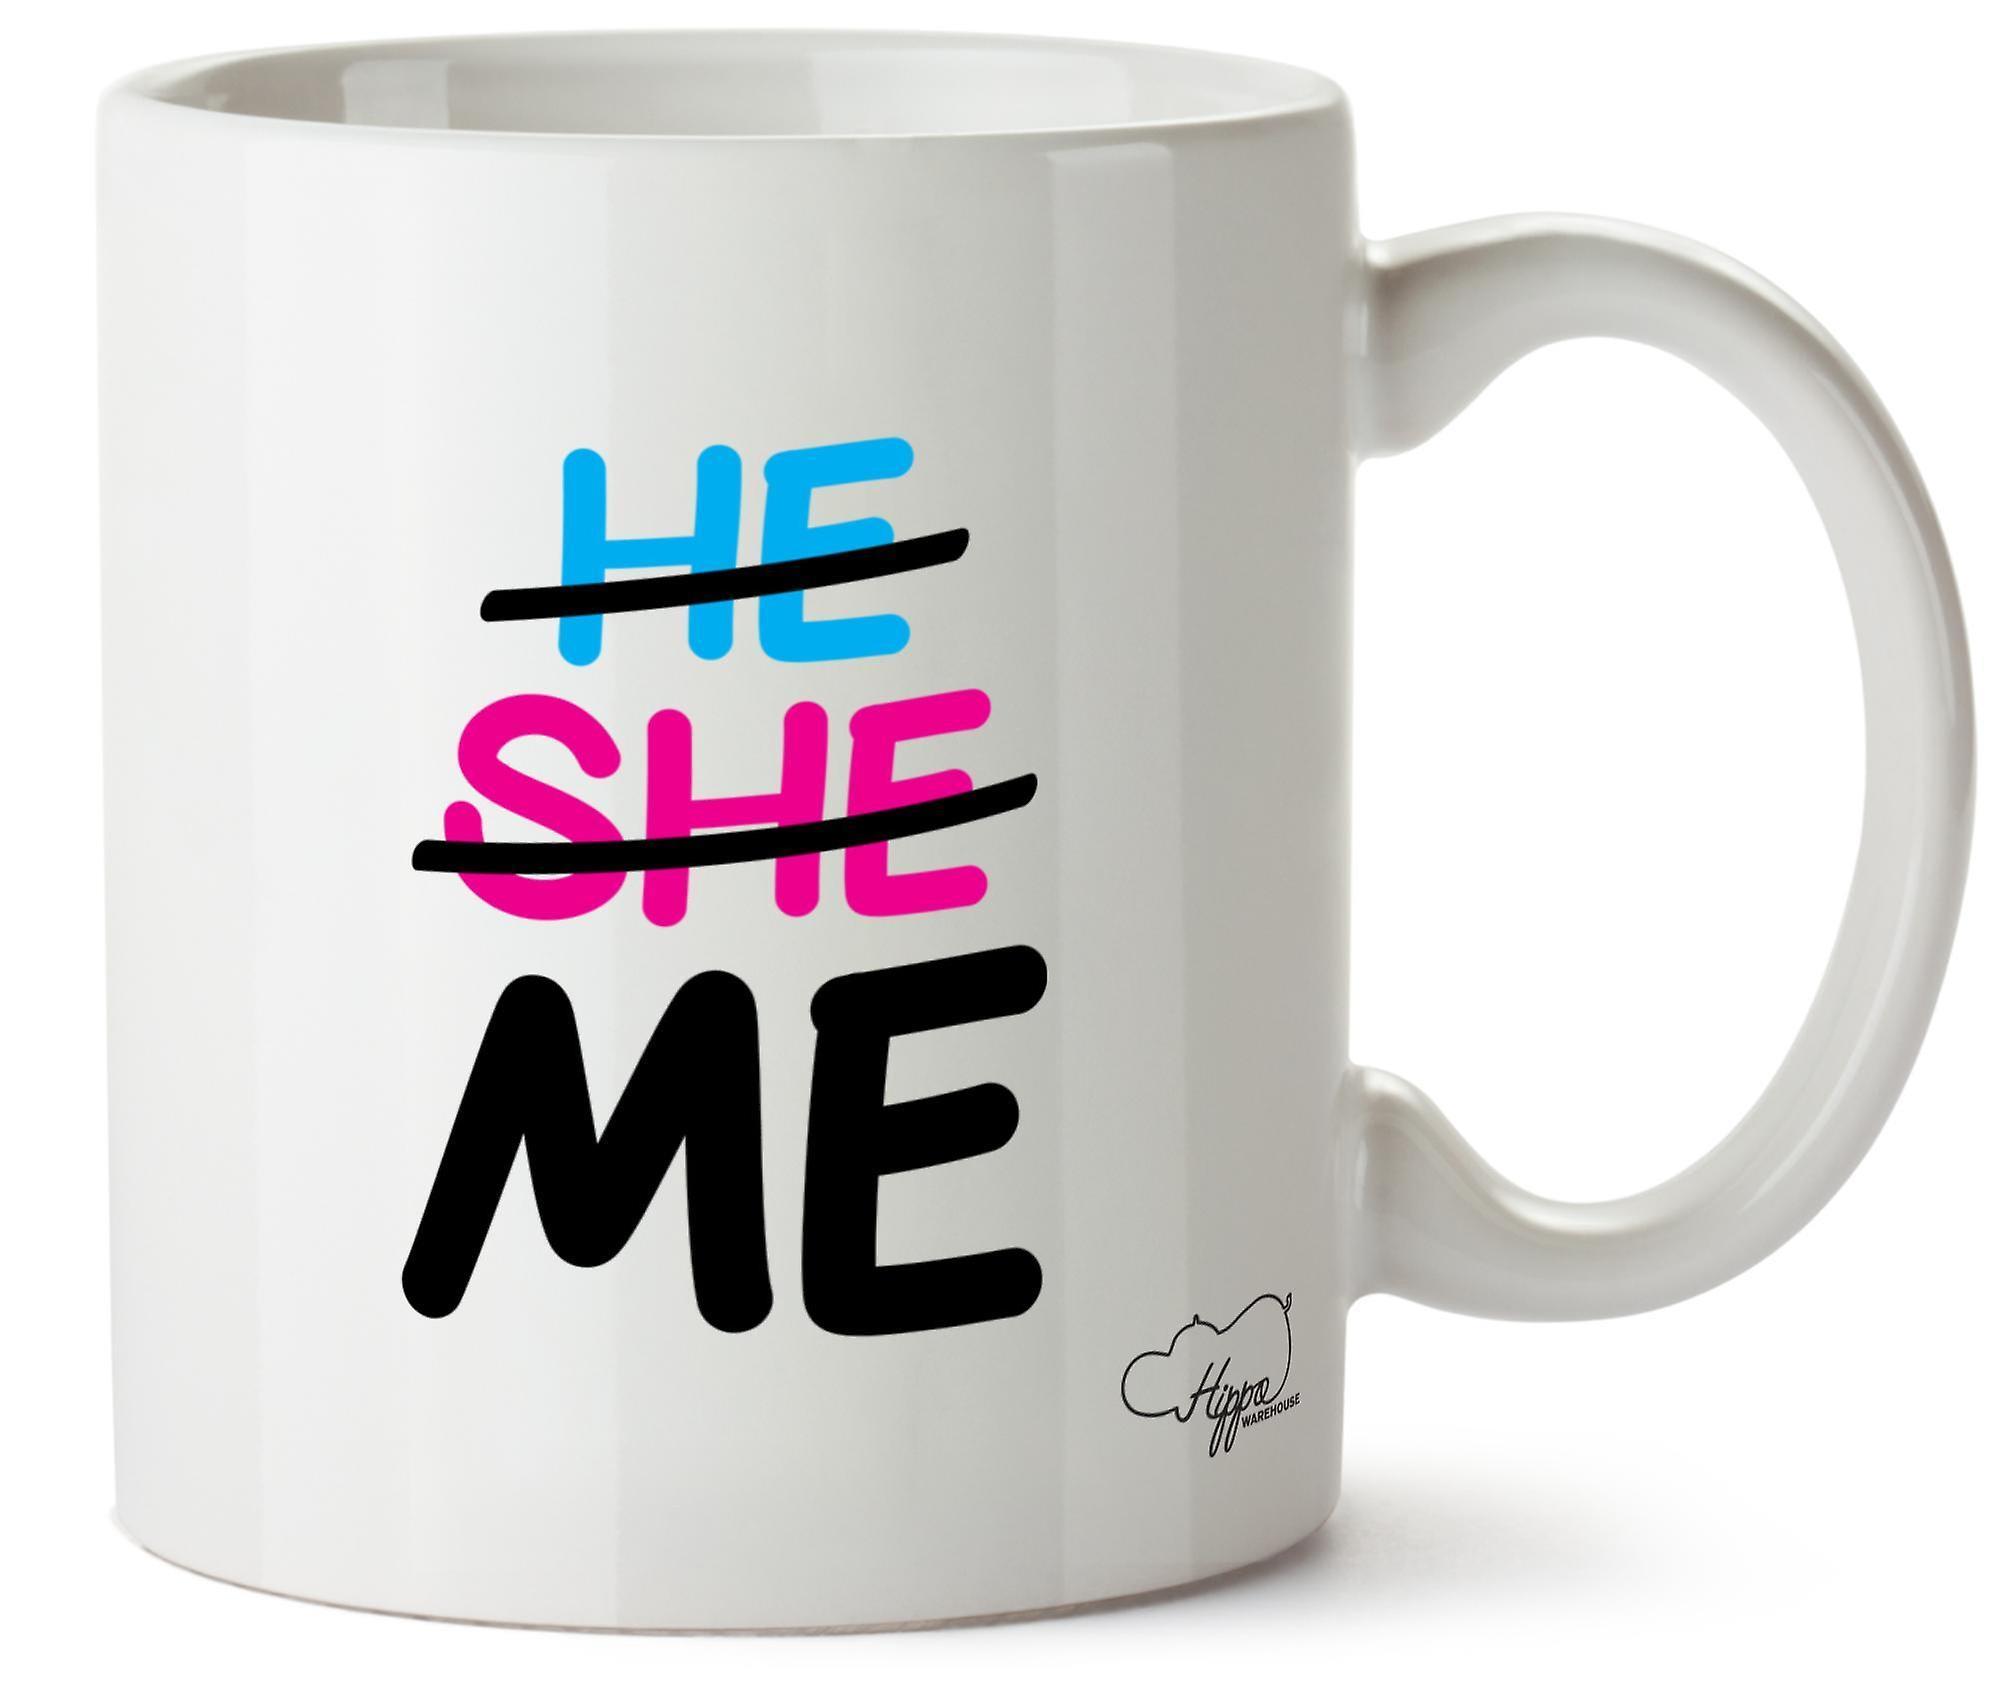 Он Hippowarehouse она меня напечатаны кружка чашка керамическая 10 oz